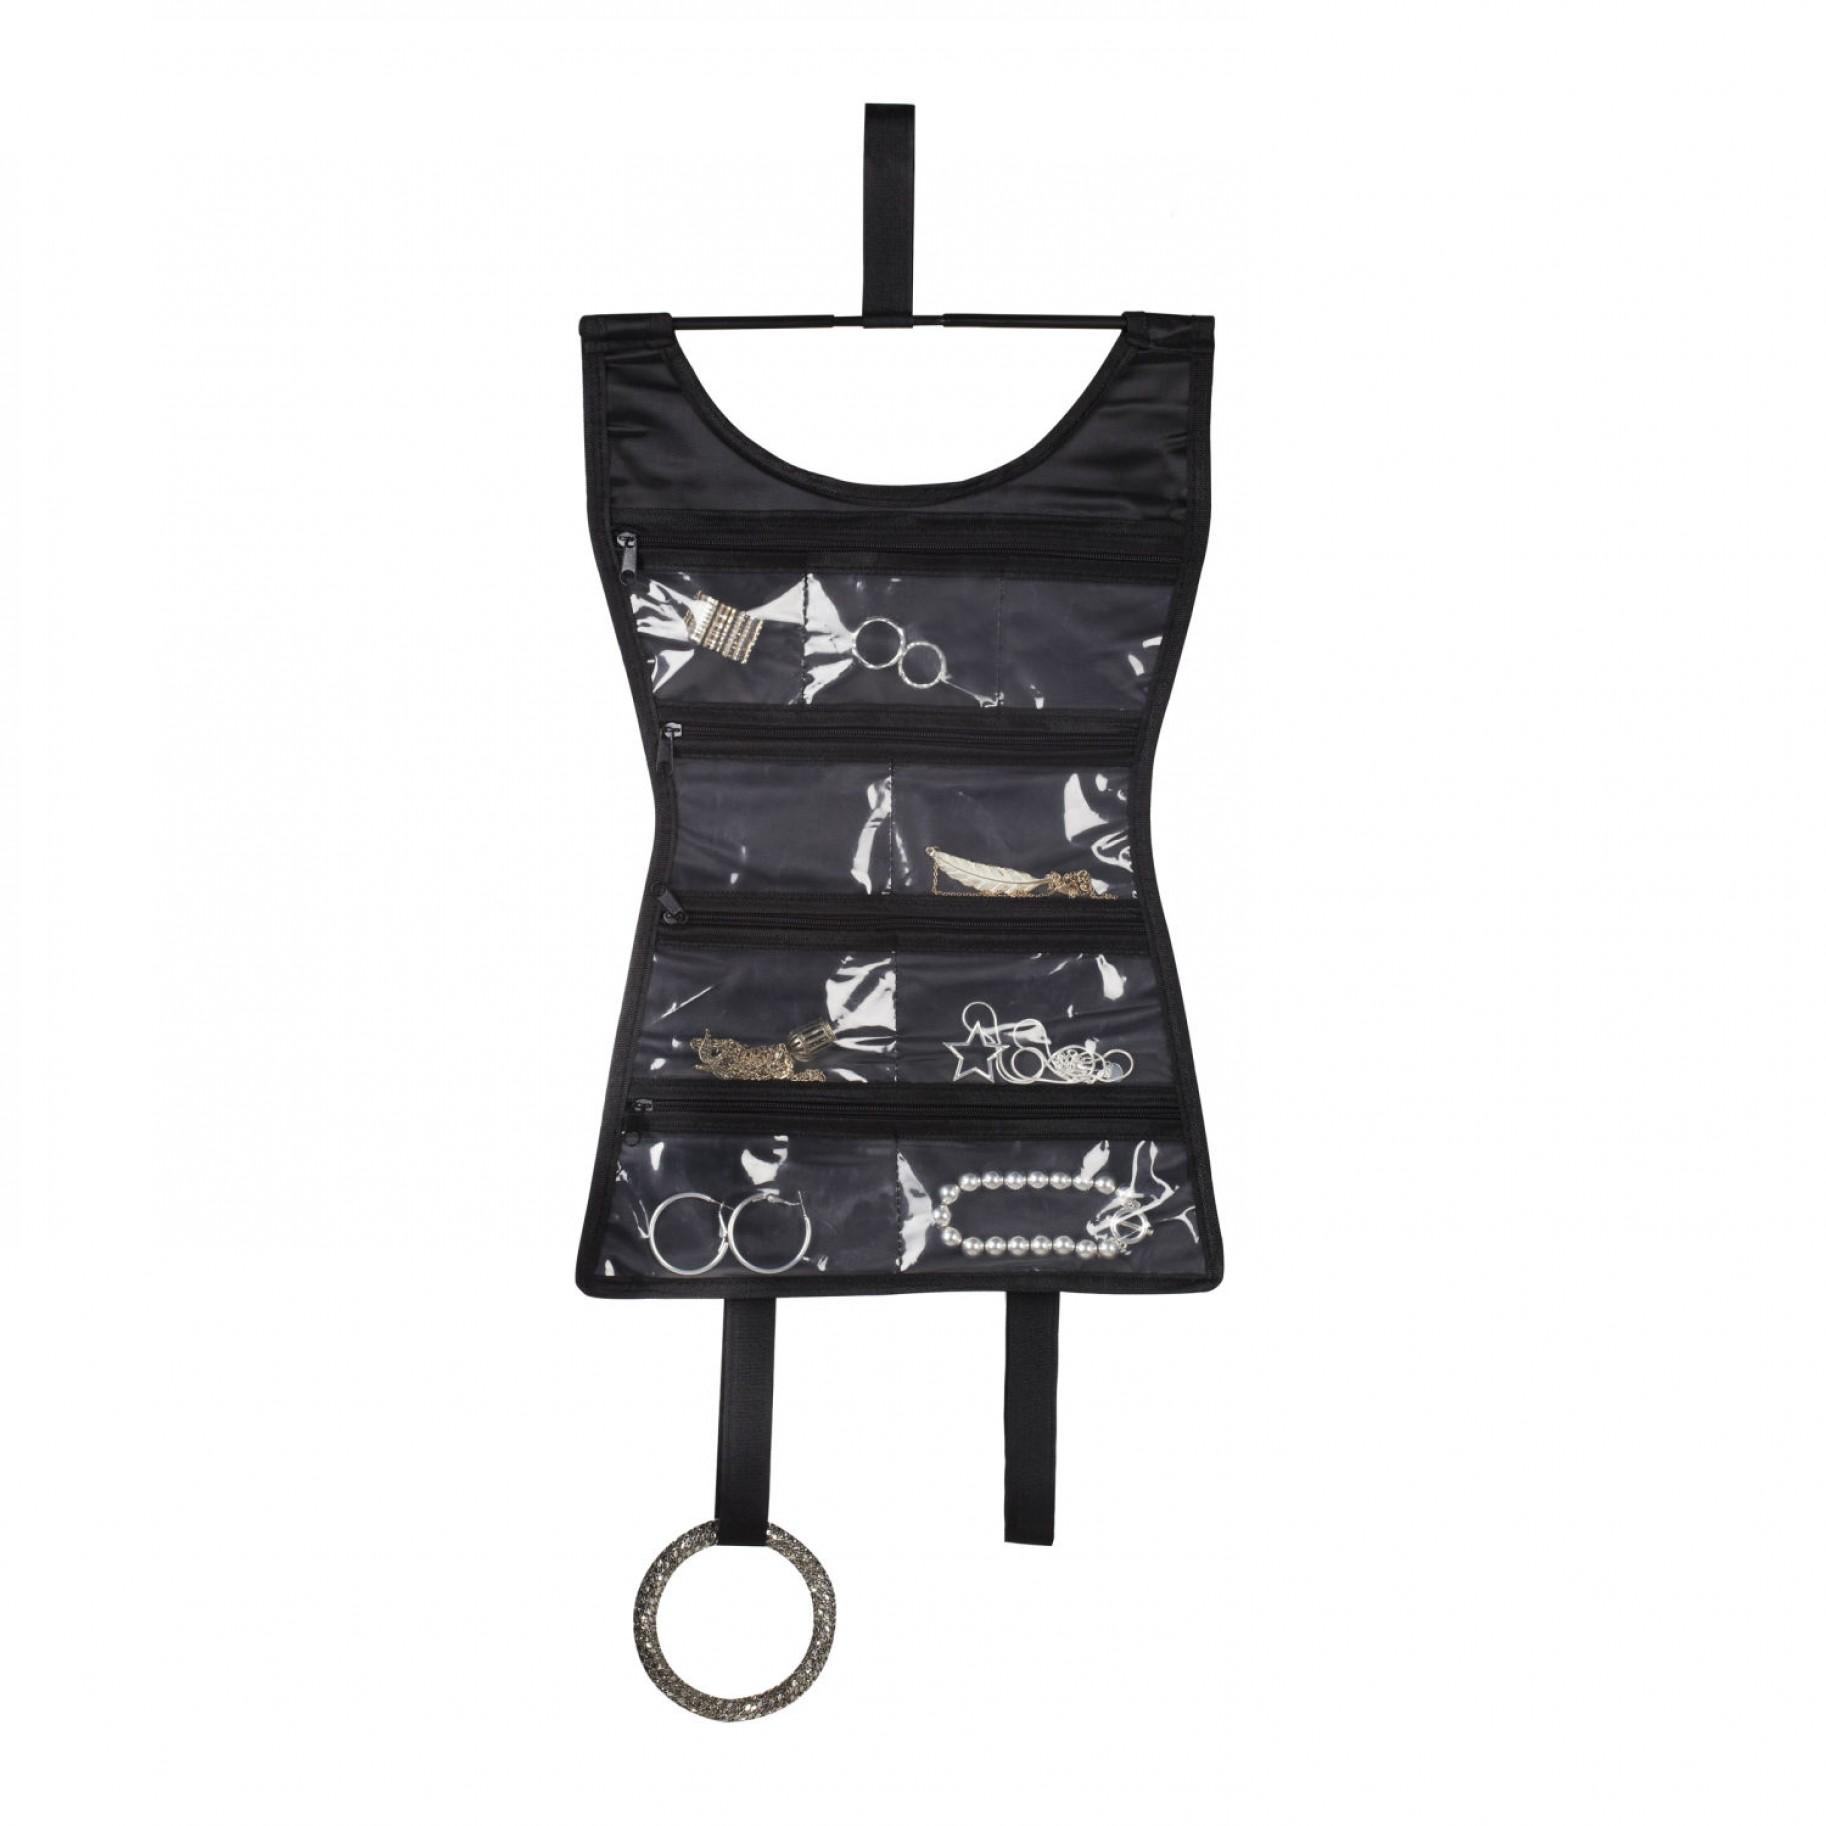 Органайзер для украшений Umbra Mini Dress, цвет: черный, 26,7 см х 40,6 см299038-040Органайзер для украшений Umbra Mini Dress изготовлен из полиэстера черного цвета. 7 прозрачных карманов, закрывающихся на молнию, плюс две петельки для длинных бус и больших браслетов позволят рассортировать самые любимые украшения так, что они всегда будут на виду. Можно повесить органайзер в шкаф, а можно свернуть и положить в чемодан! Просто скатайте его в рулончик и закрепите липучками. Теперь можно быть неотразимой и нарядной в любой точке планеты. Органайзер поможет аккуратно хранить украшения, держать их в порядке, и вы никогда их не потеряете.